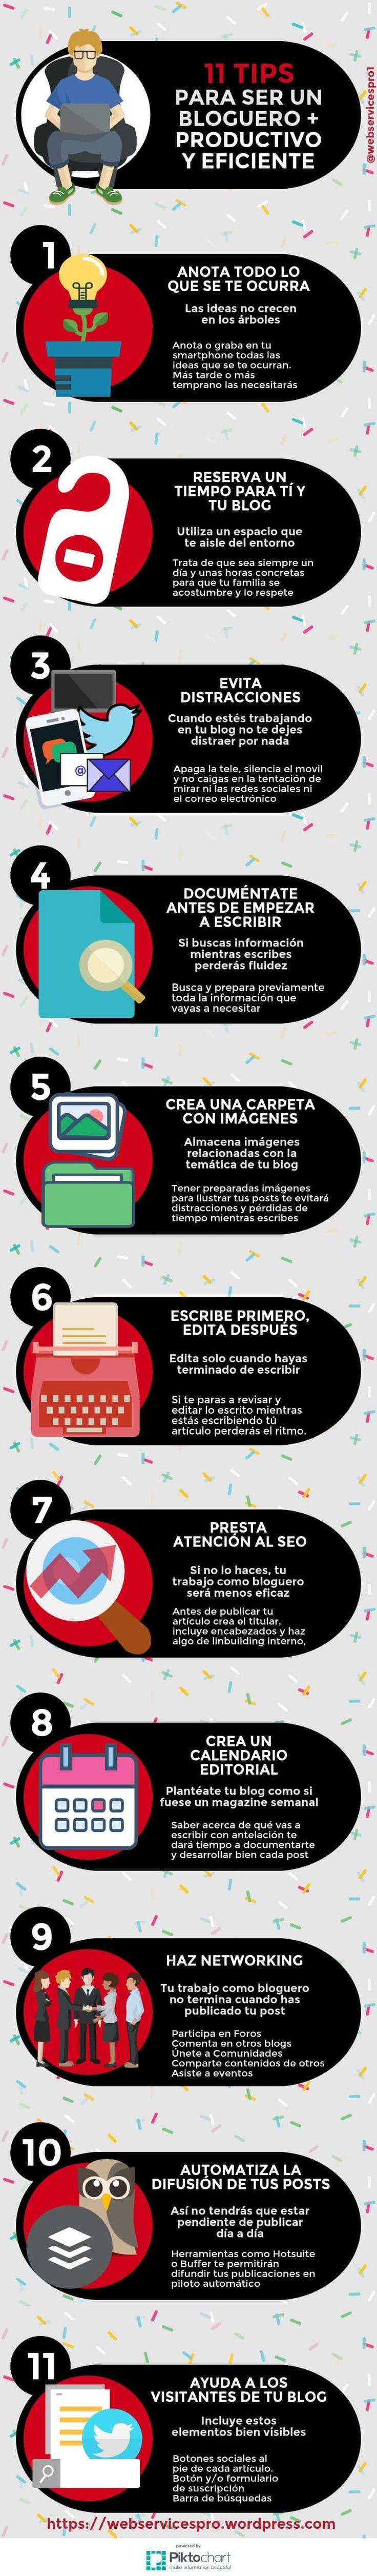 11-consejos-para-ser-un-bloguero-más-eficaz-y-productivo #BlogueroProductivo #Blogging #Blog #Bloggers #TipsBlogging #SocialMedia #Infografía